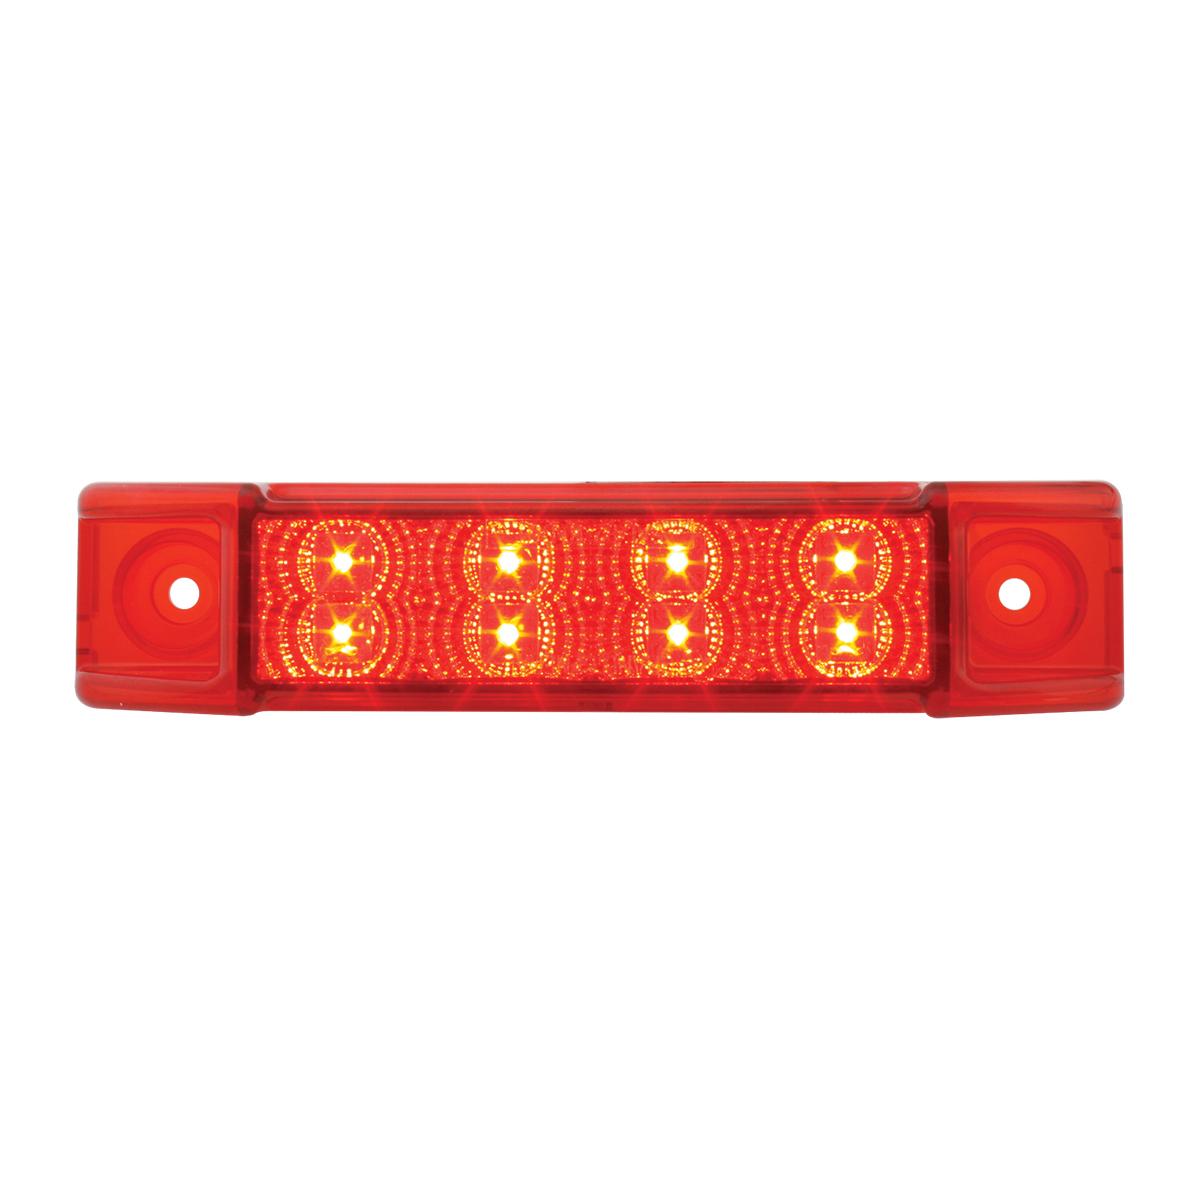 75182 Rectangular Spyder Dual Function LED Light